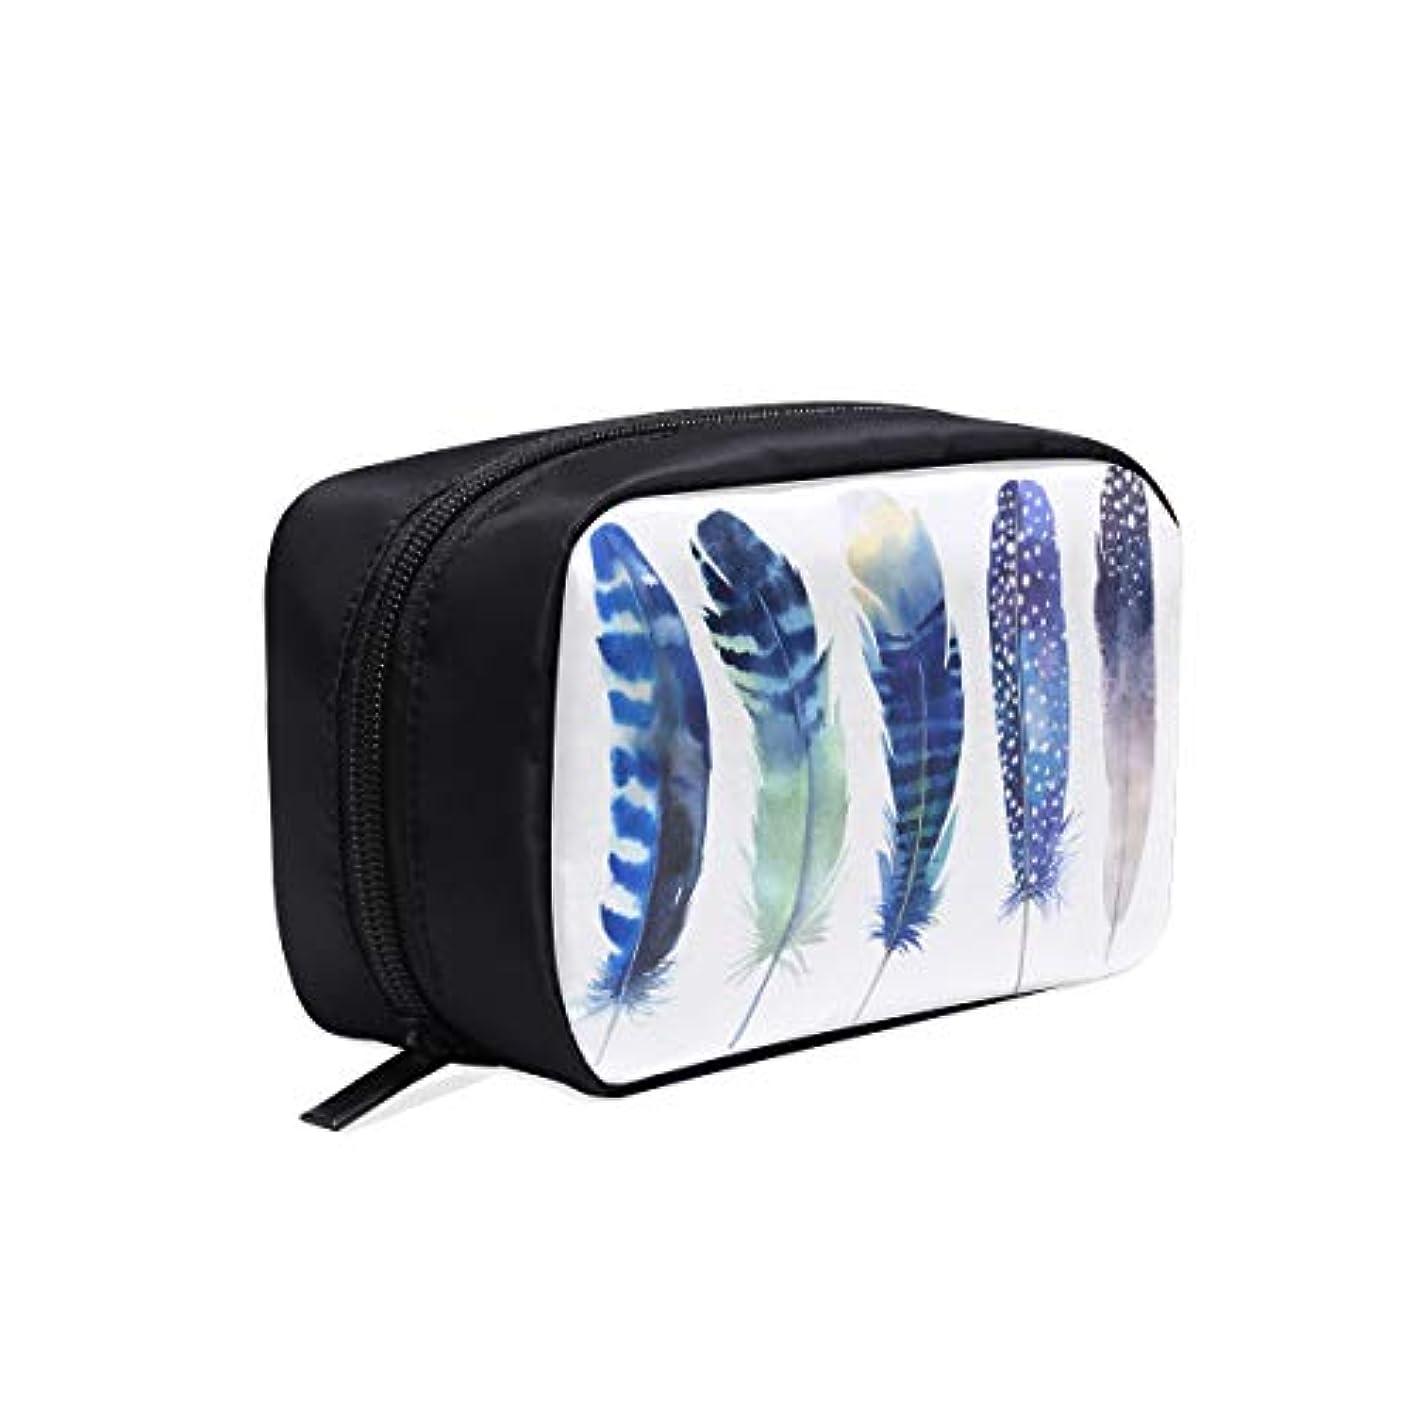 判読できないノーブルバイナリKWESG メイクポーチ チキンフェザー ボックス コスメ収納 化粧品収納ケース 大容量 収納 化粧品入れ 化粧バッグ 旅行用 メイクブラシバッグ 化粧箱 持ち運び便利 プロ用